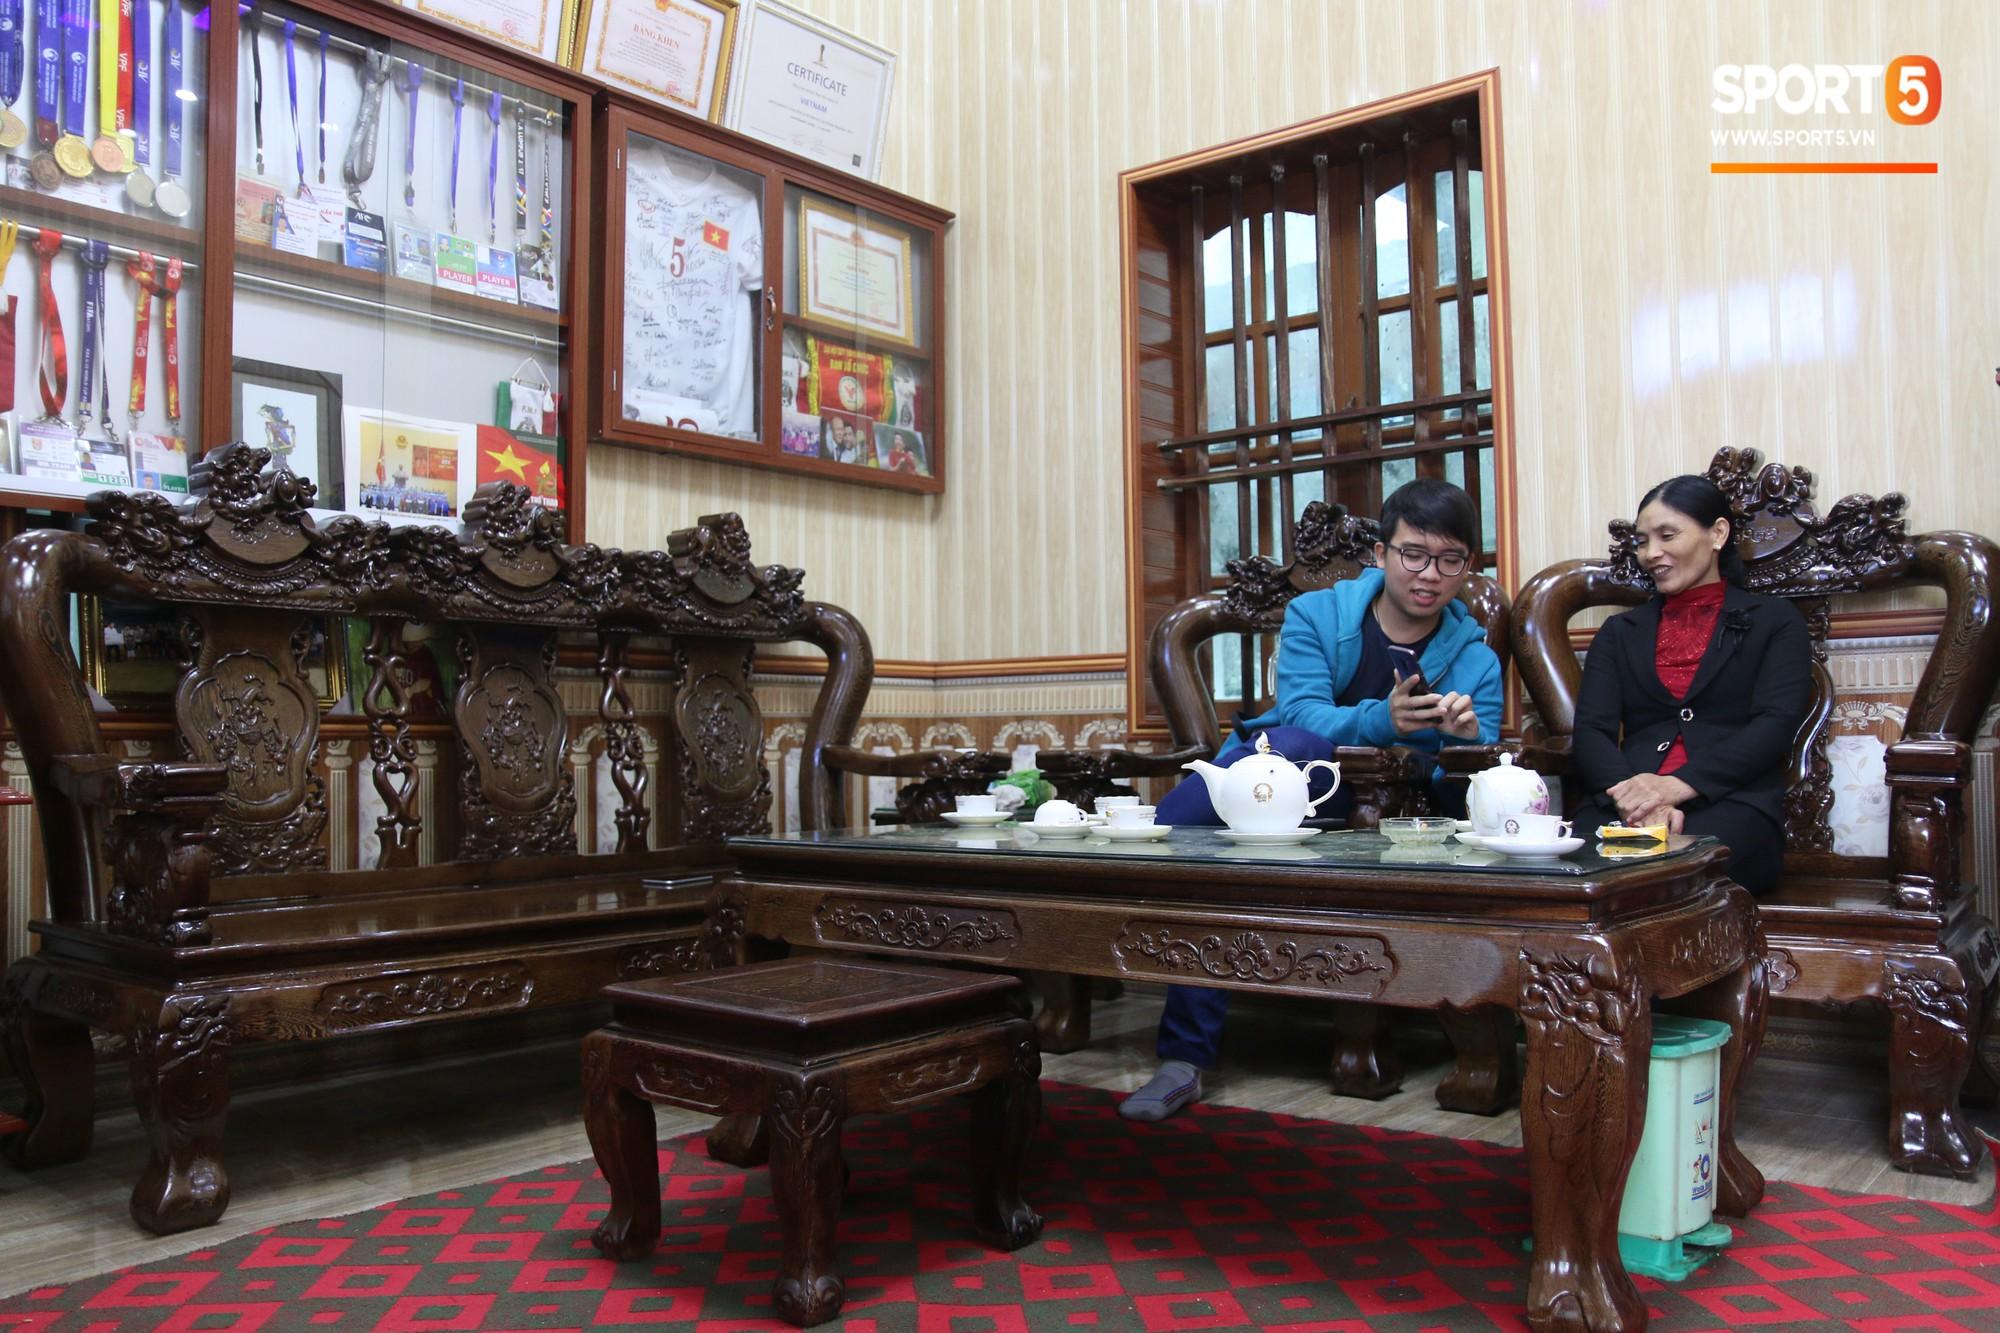 Về thăm nhà Văn Hậu, phát hiện món quà đầu tiên em út ĐT Việt Nam mua cho cha mẹ bằng đồng lương kiếm được-2